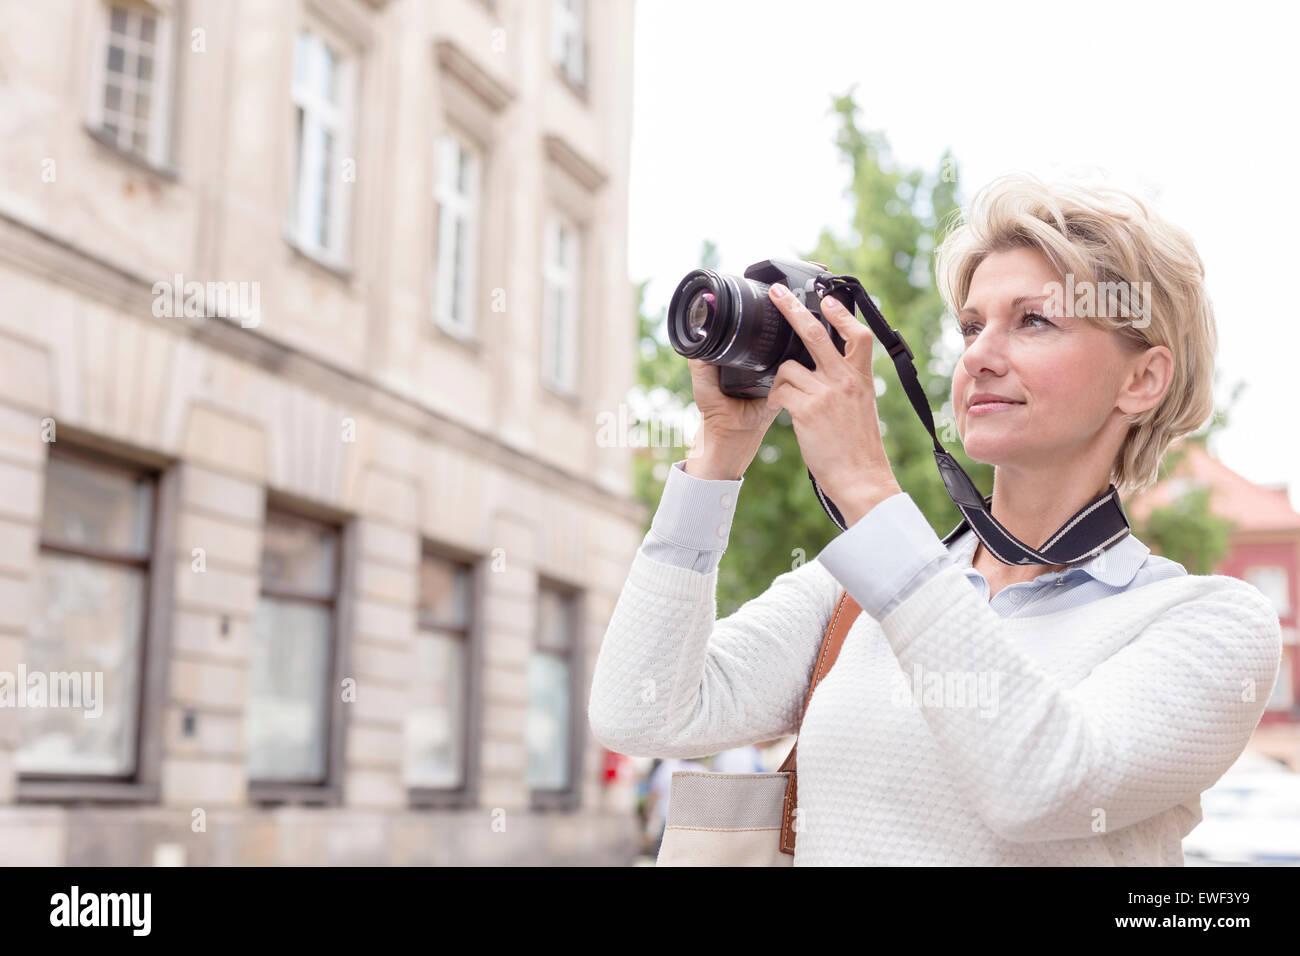 Mujer de mediana edad fotografiar a través de una cámara digital en la ciudad Imagen De Stock